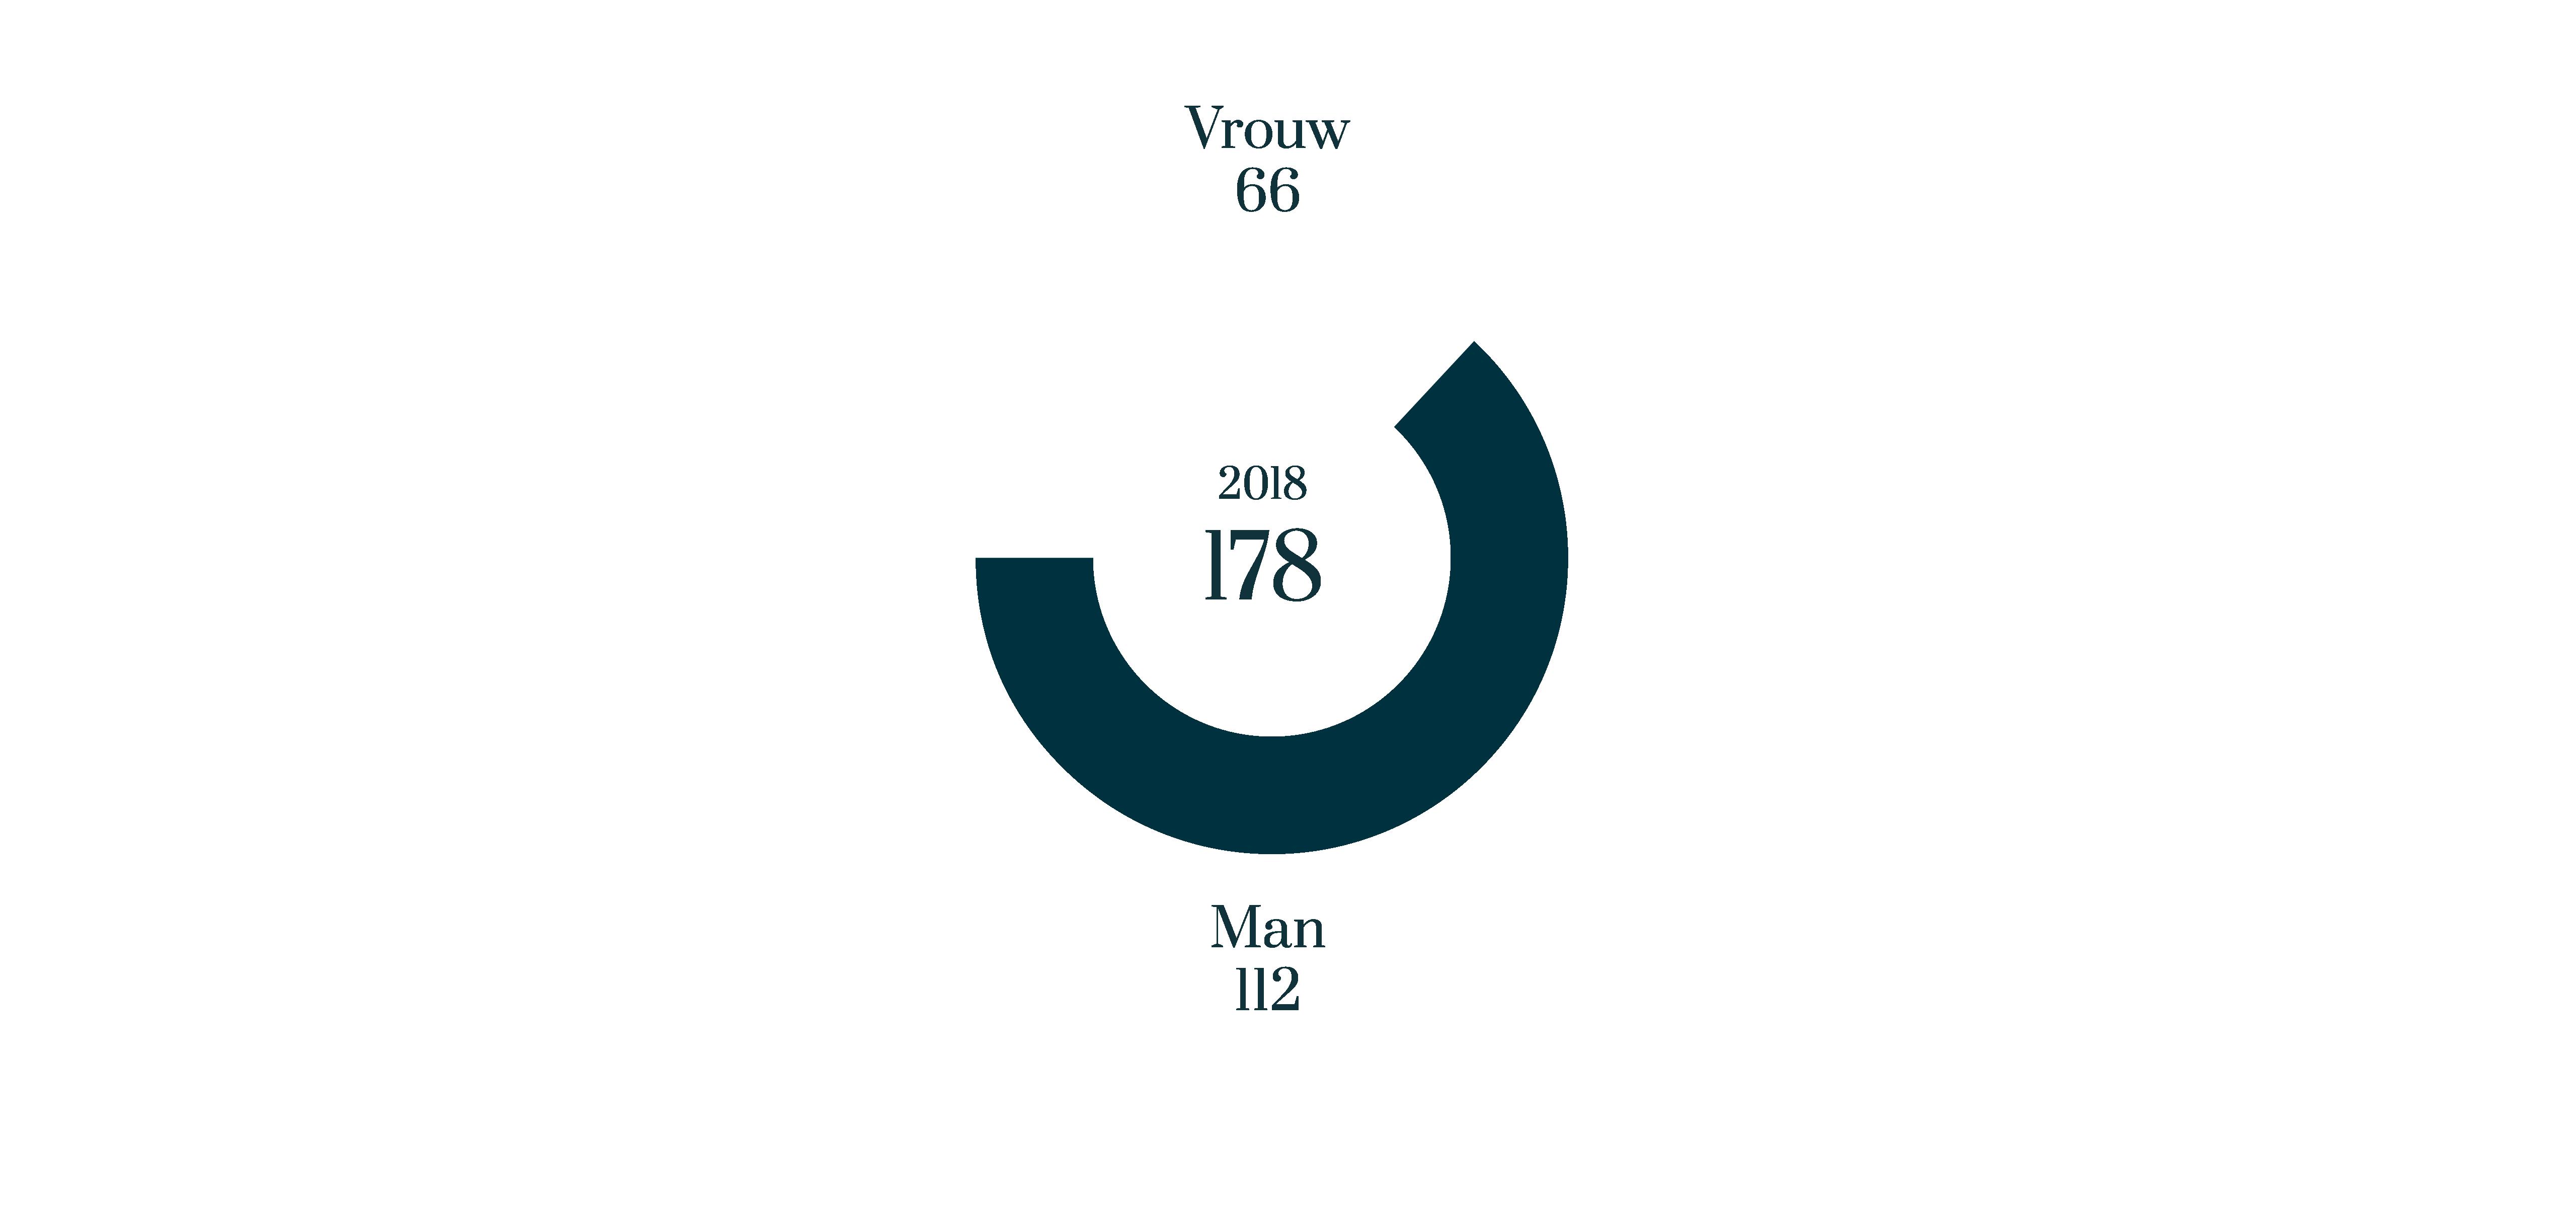 Man/vrouw